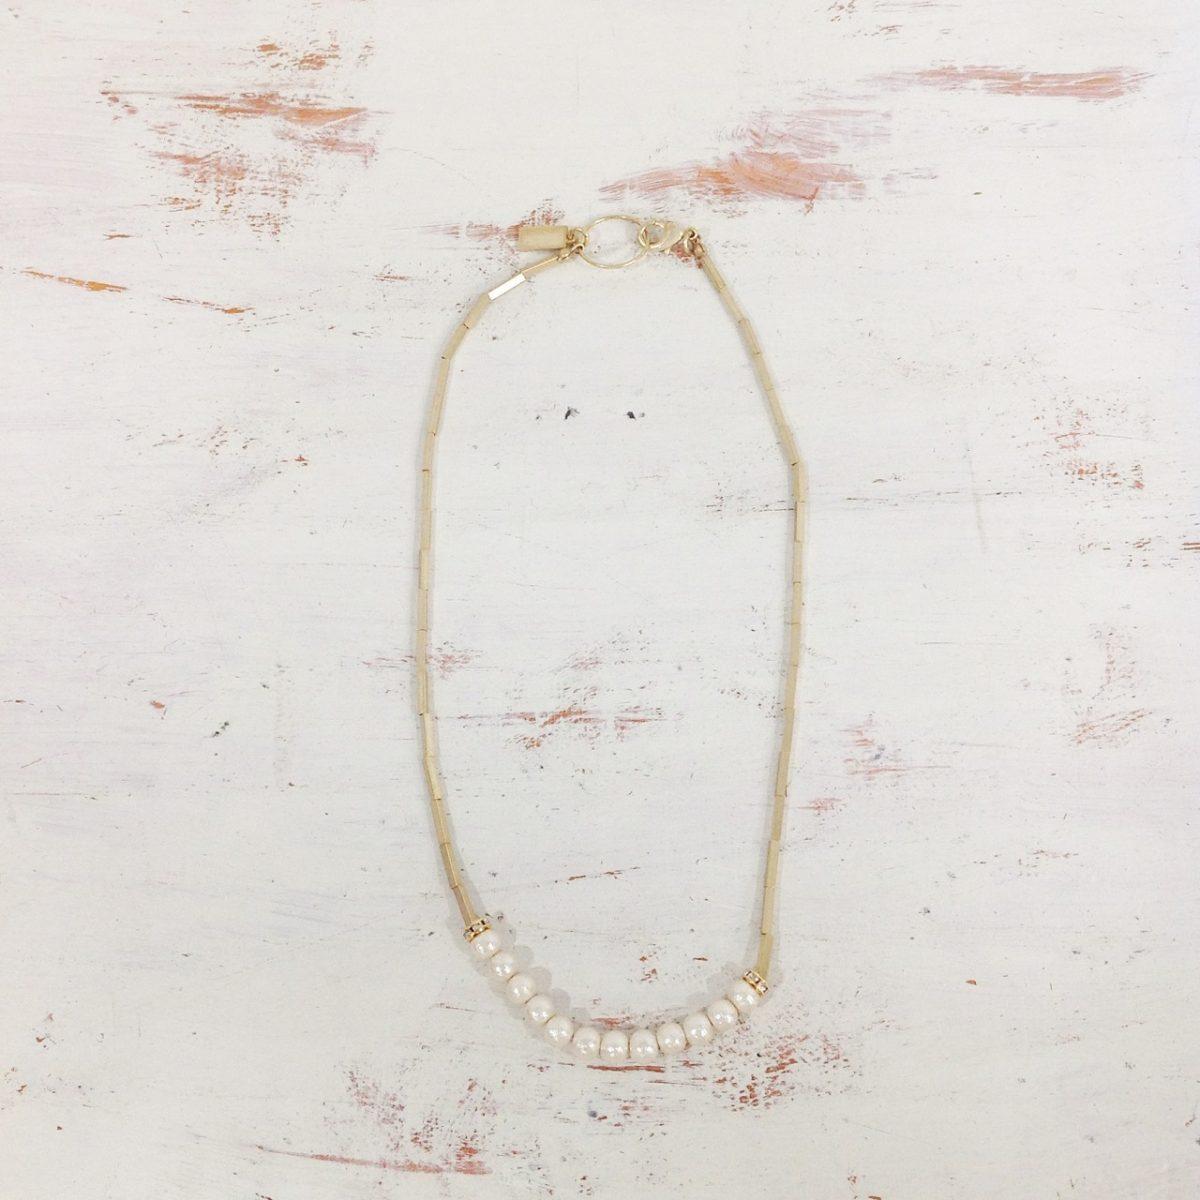 プティローブノアーの綺麗なネックレス